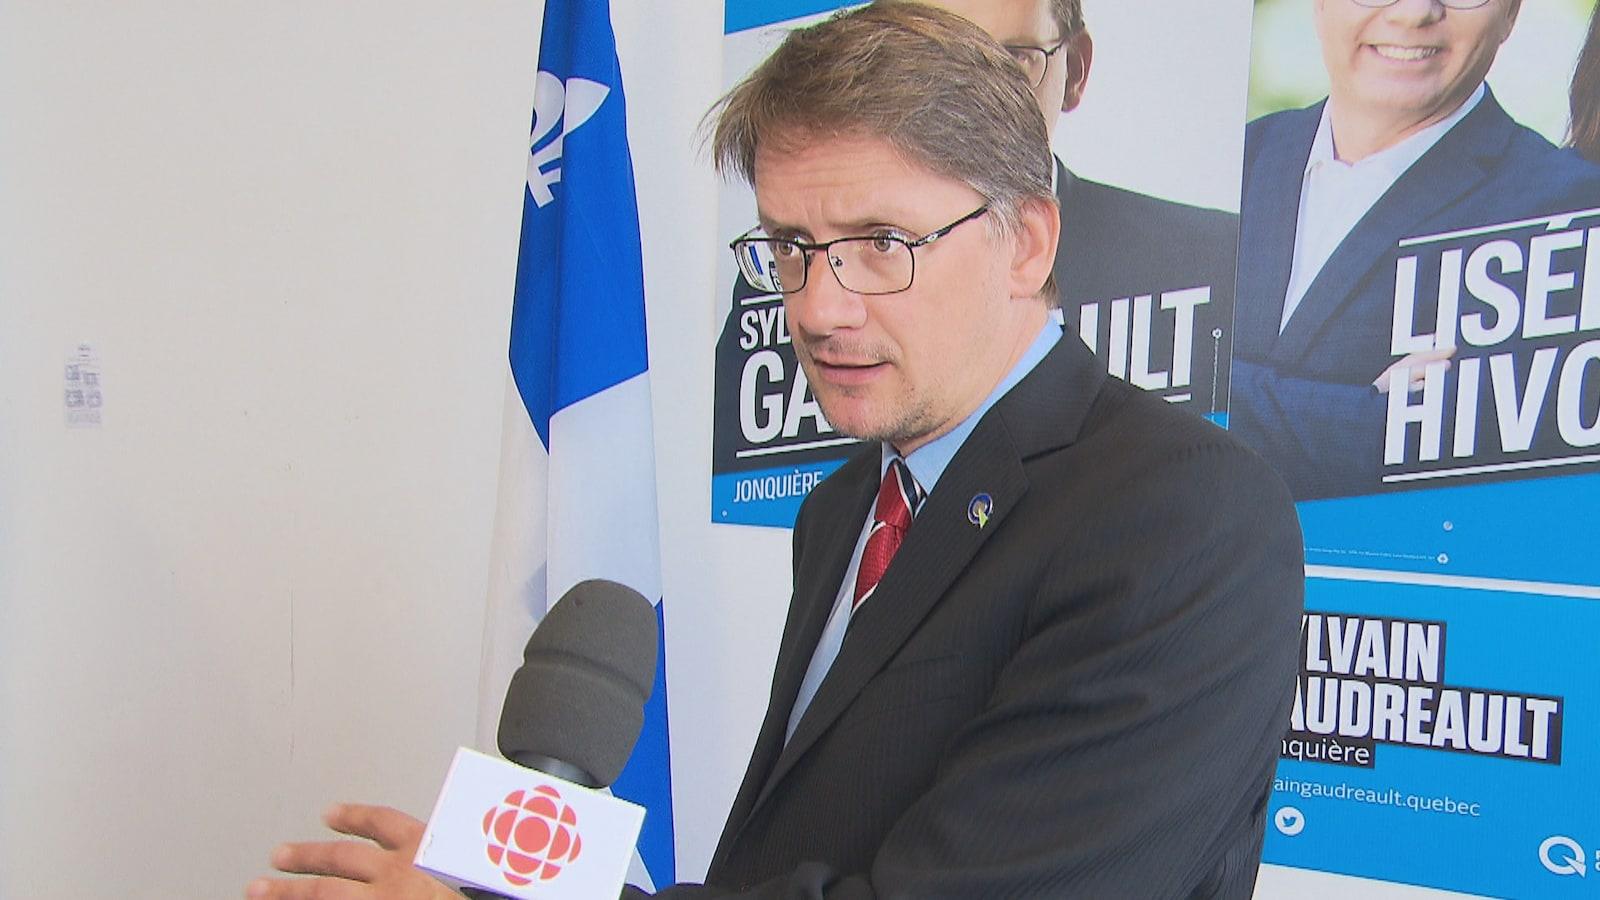 Sylvain Gaudreault en entrevue devant ses affiches électorales